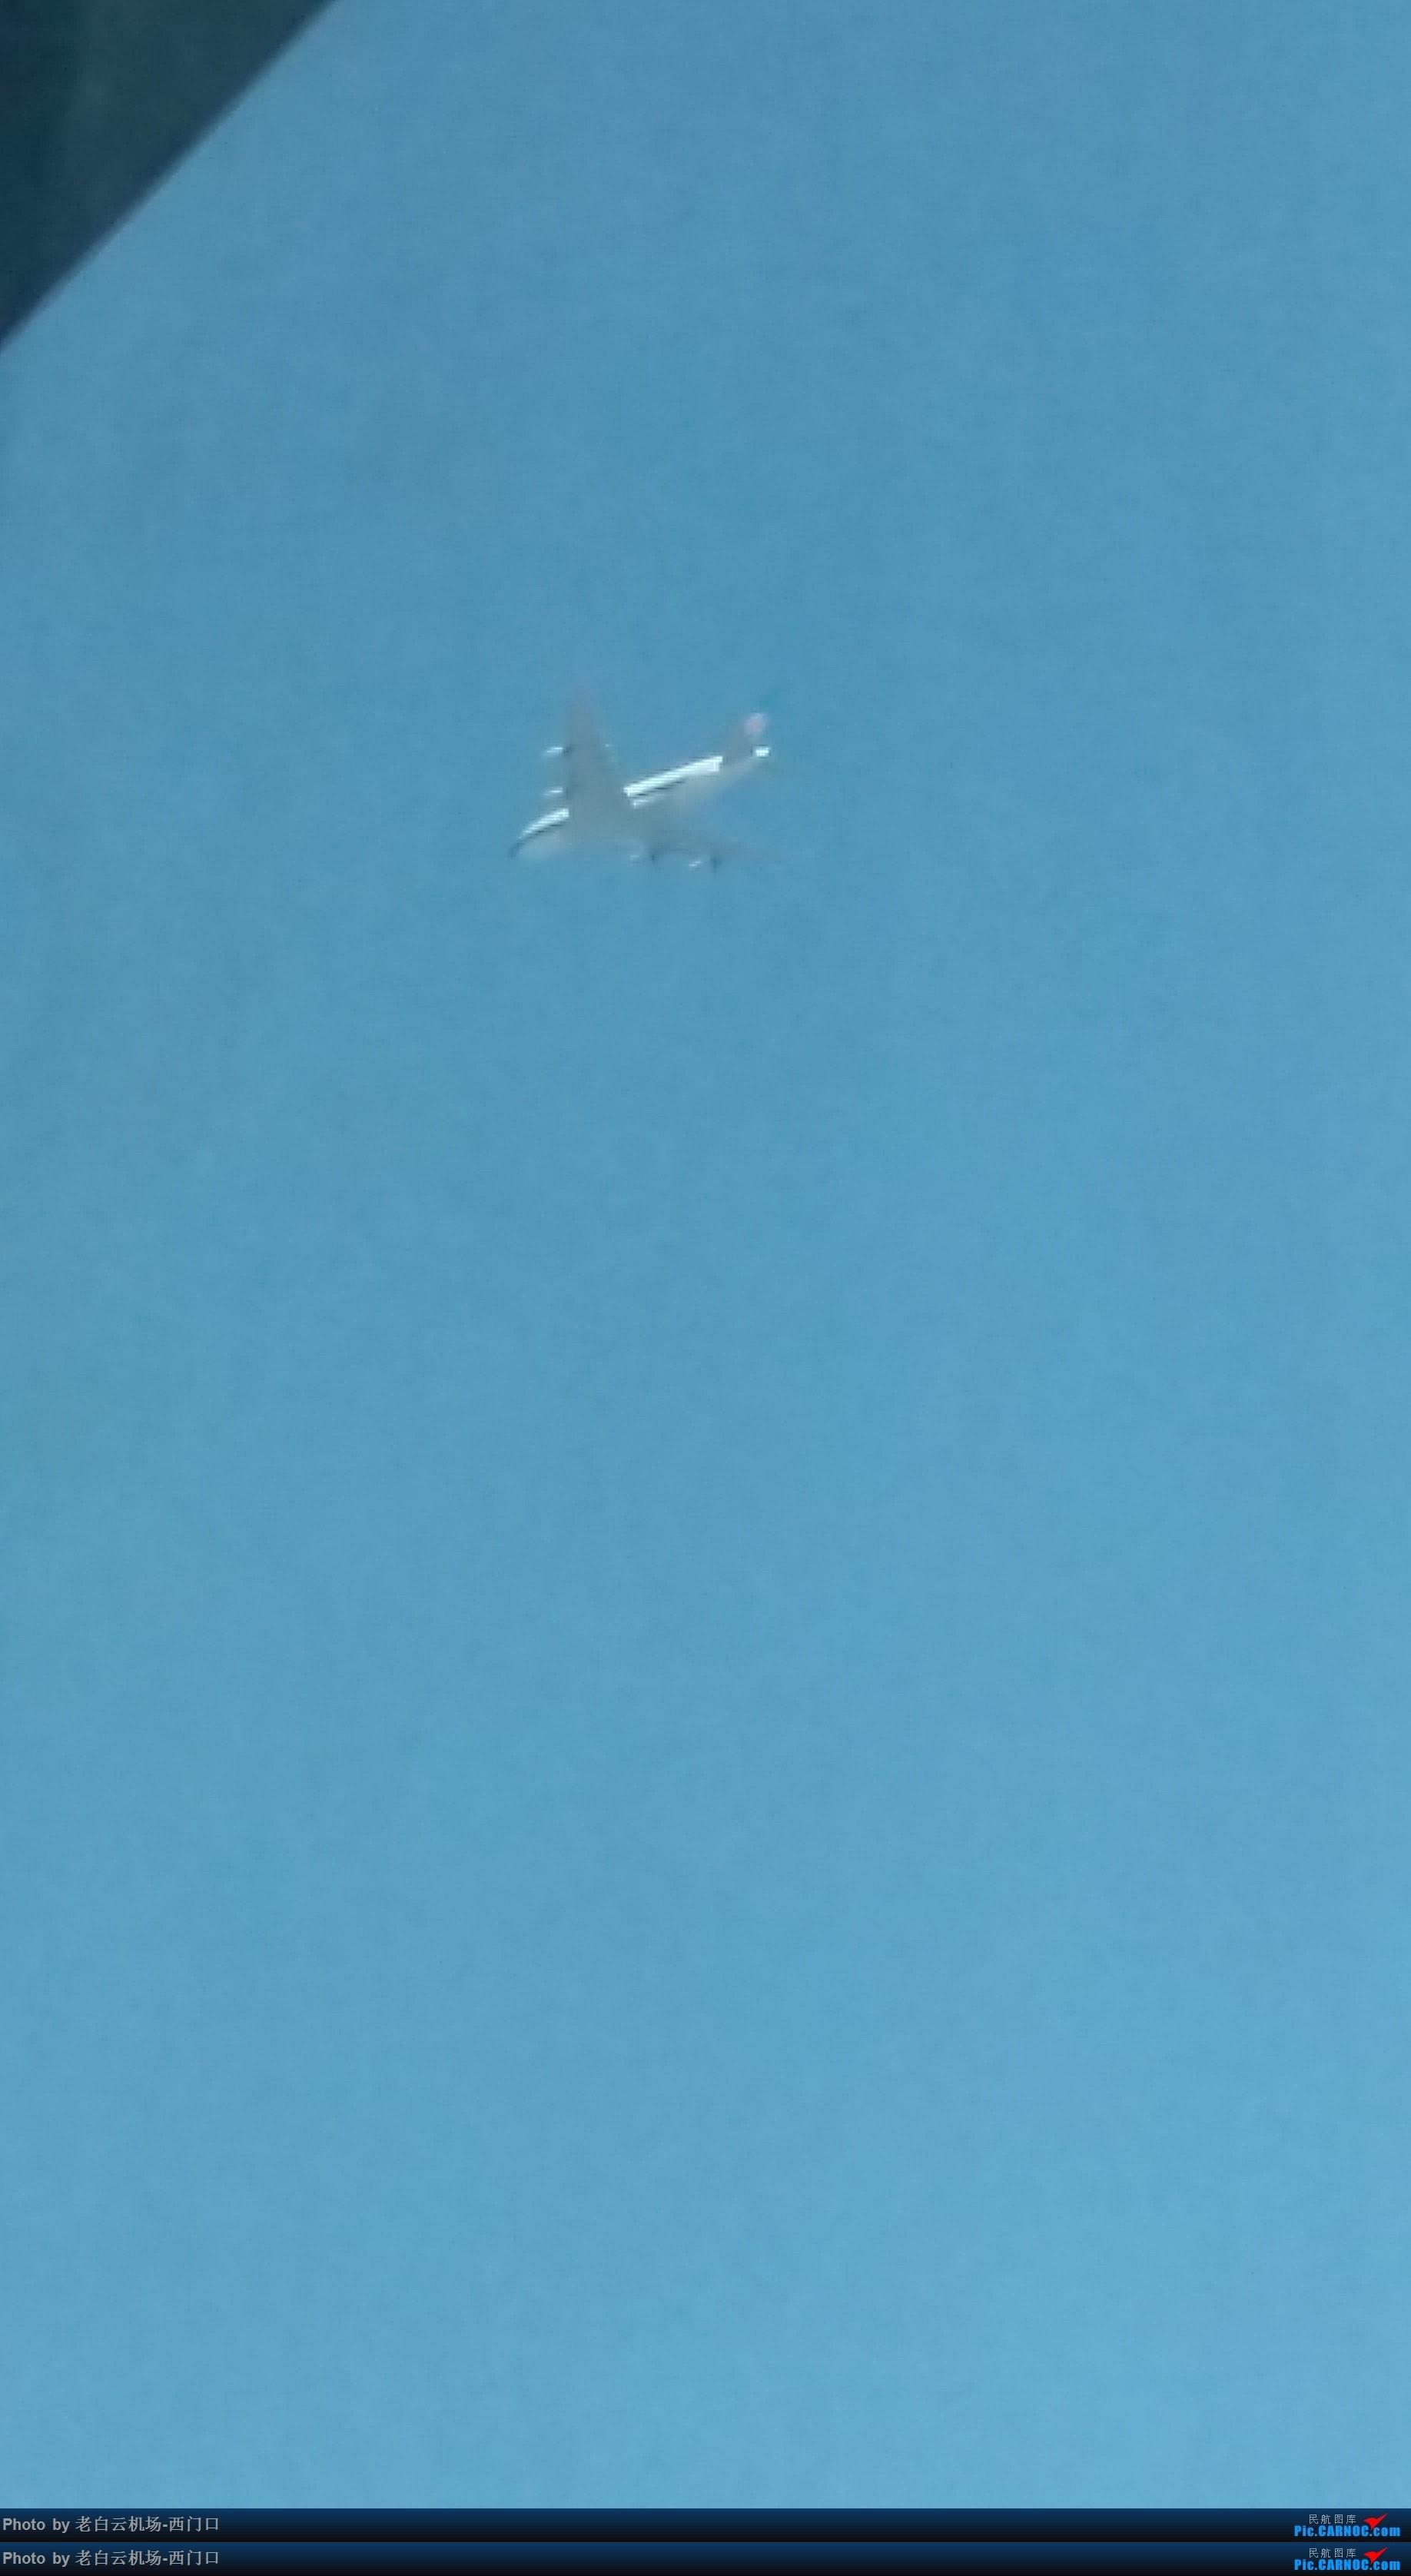 Re:[原创]一年了,感谢各位飞友! AIRBUS A380-800 不明 中国广东省广州市荔湾区西门口广场上空